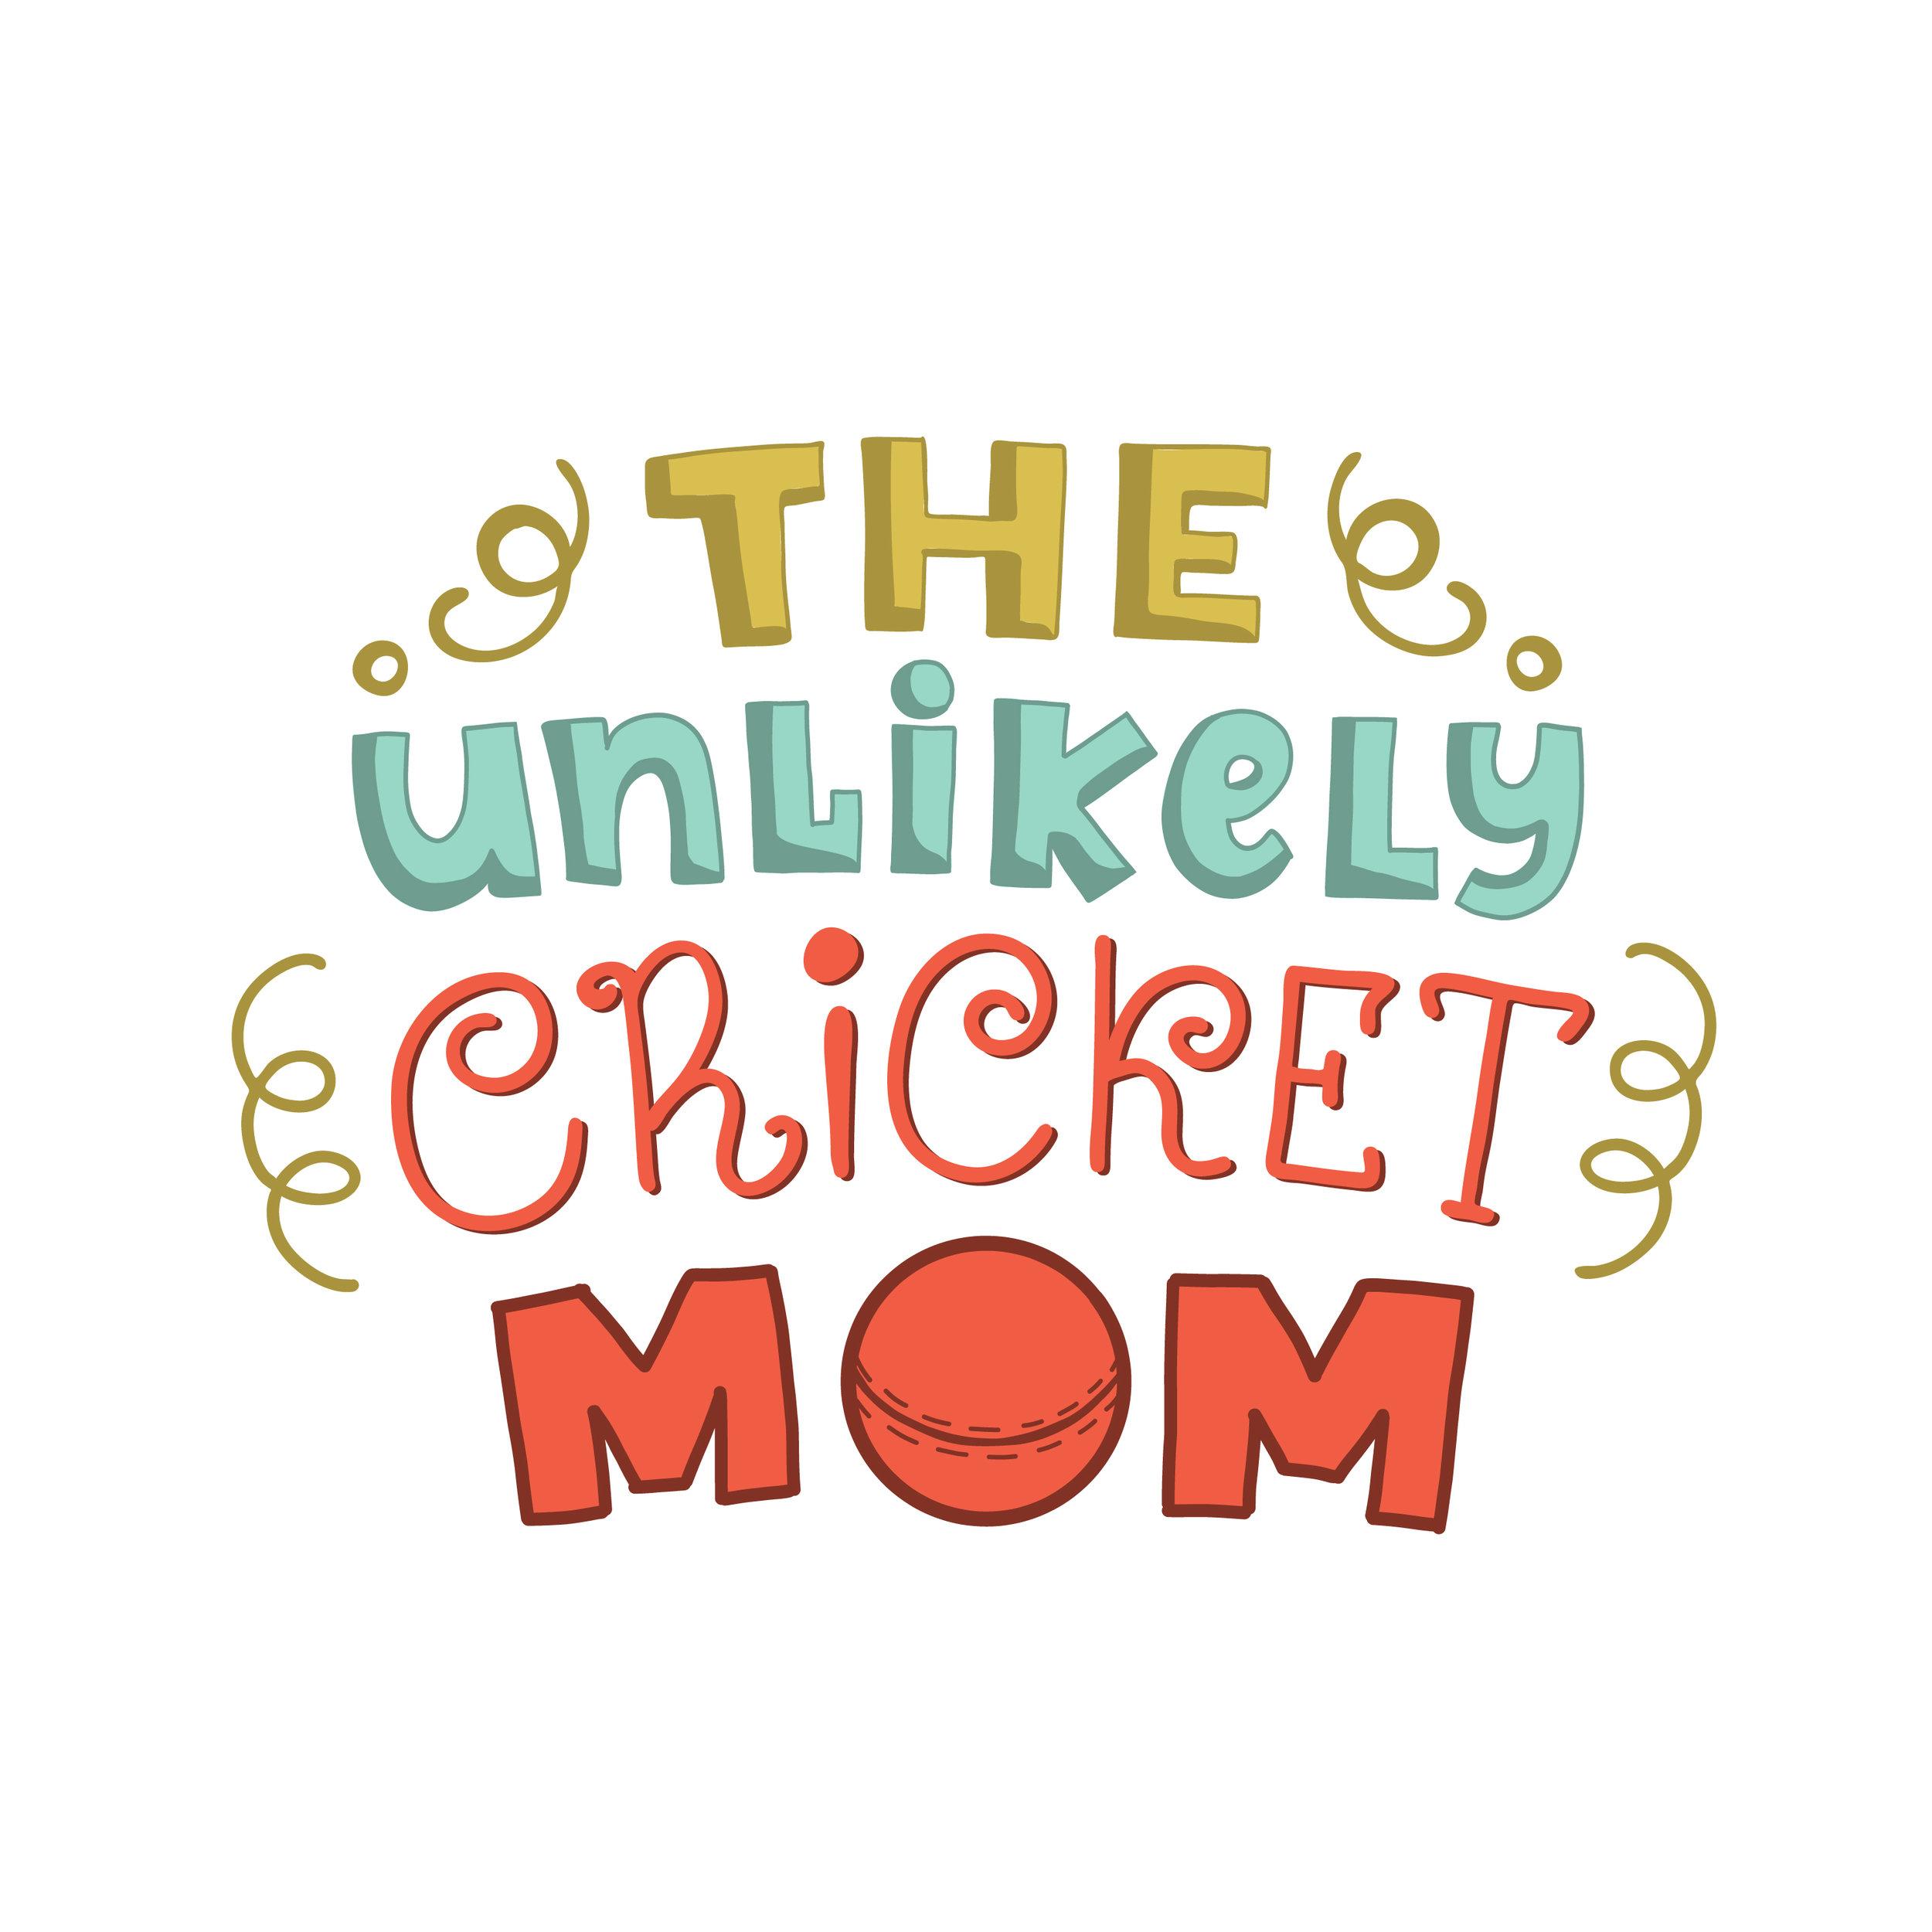 cricket mom logo lettering.jpg